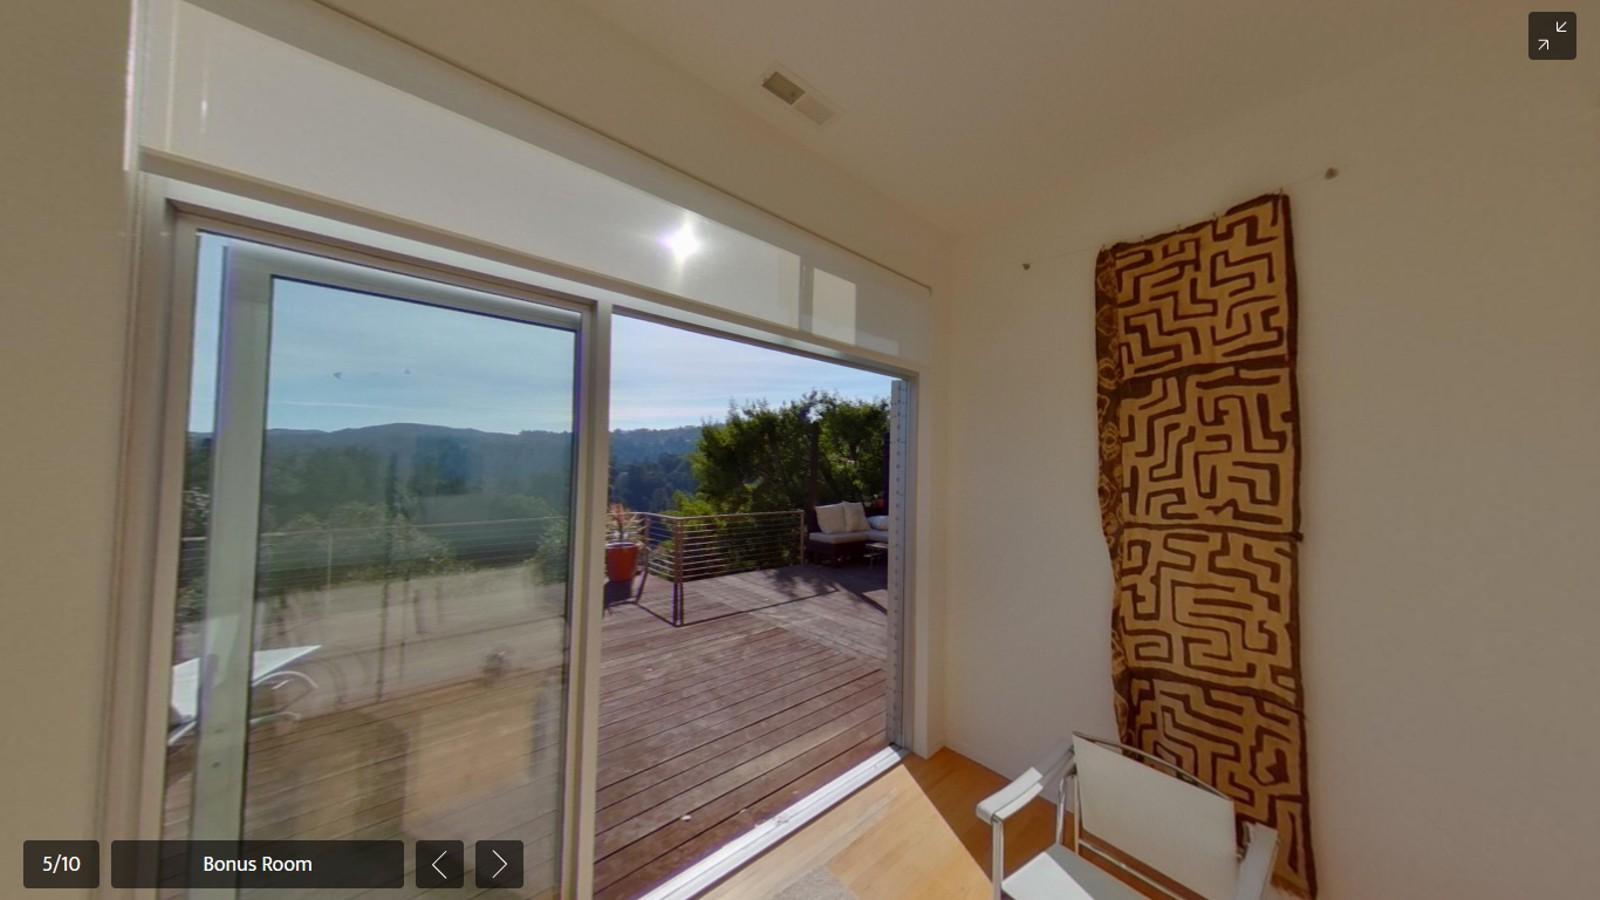 220 Forest Av Palo Alto Ricoh 360 Tour Bonus Room